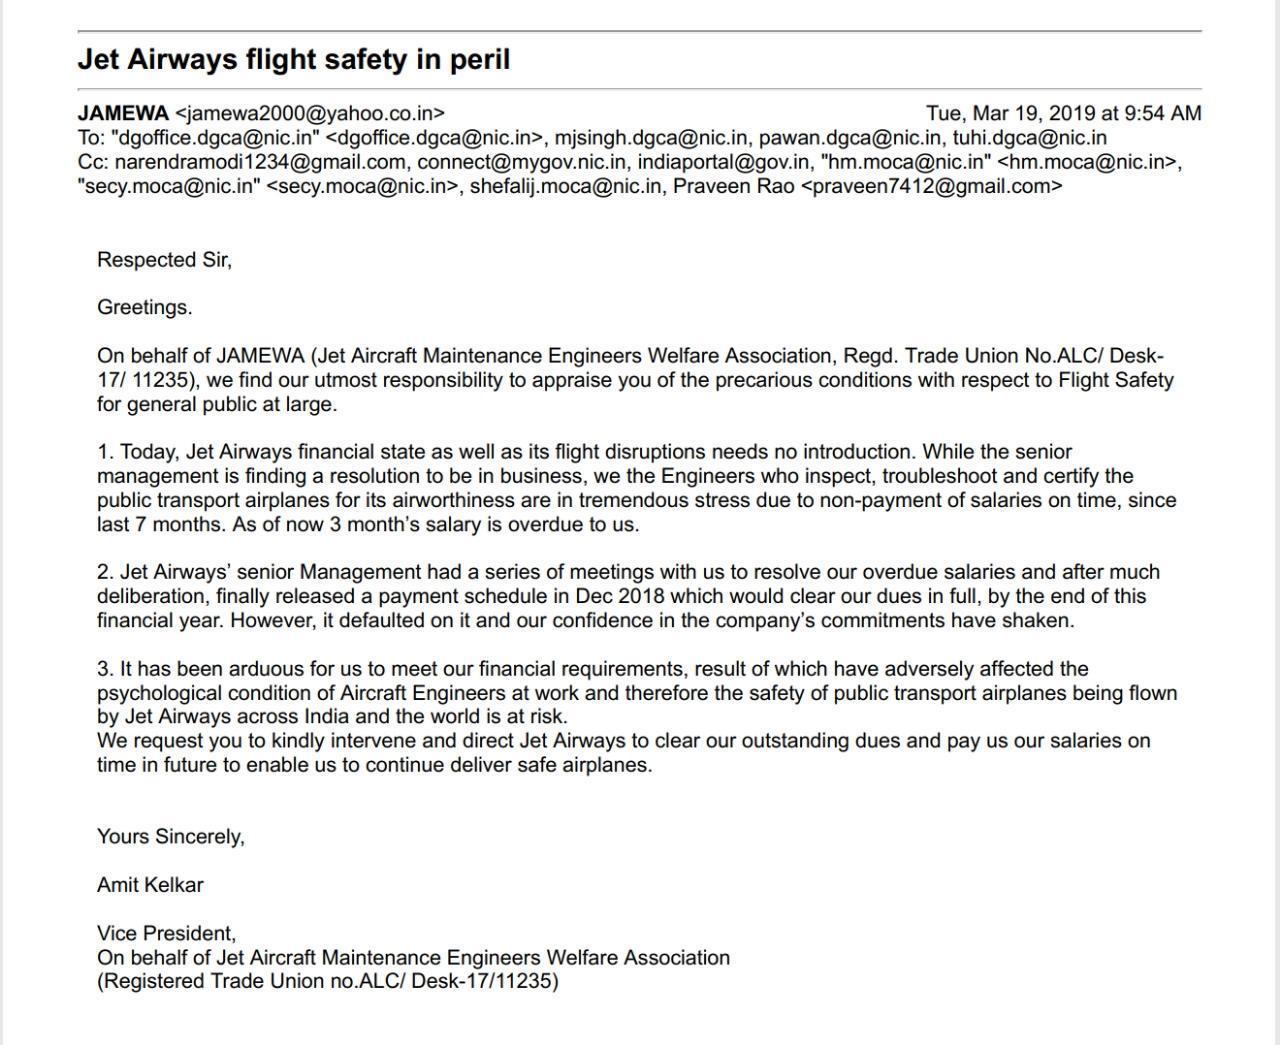 جیٹ ایئرکرافٹ انجینئرس ویلفیئر ایسوسی ایشن کی طرف سے ڈی جی سی اے کو بھیجا گیا خط۔ (فوٹو بہ شکریہ : ٹوئٹر)